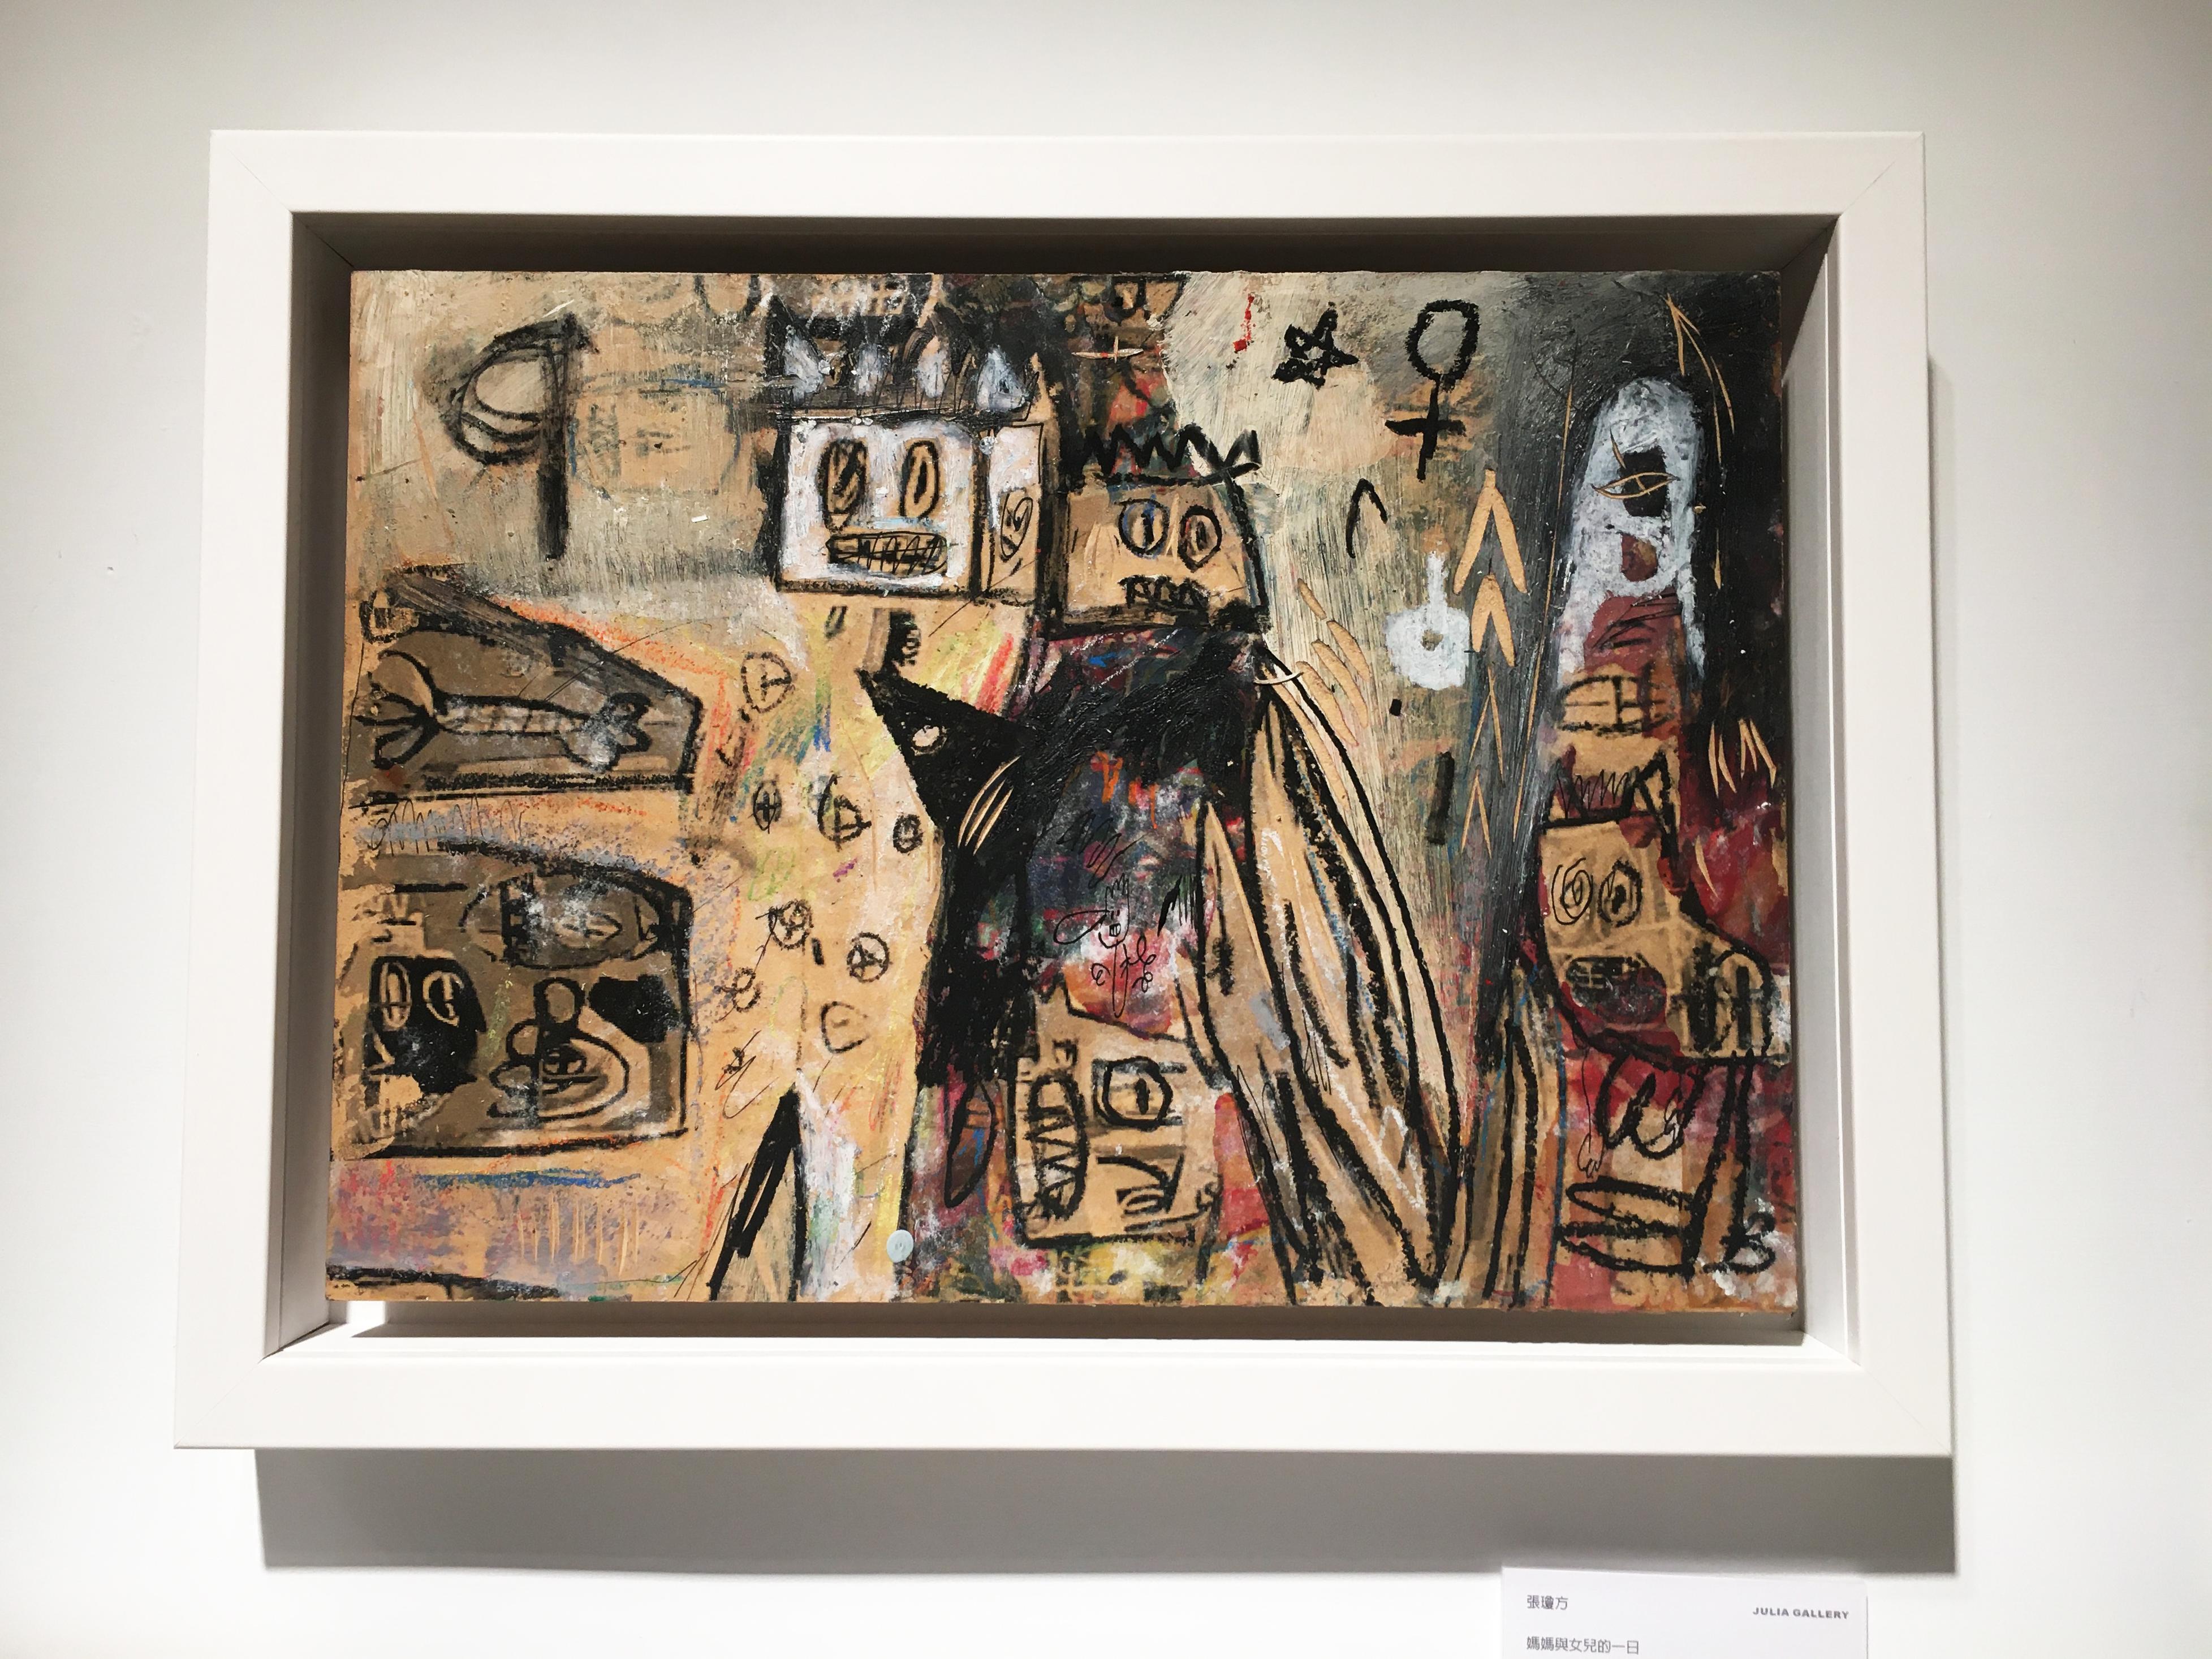 張瓊方,《媽媽與女兒的一日》,25 x 35 cm,油彩、蠟筆、木板、壓克力板,2020。